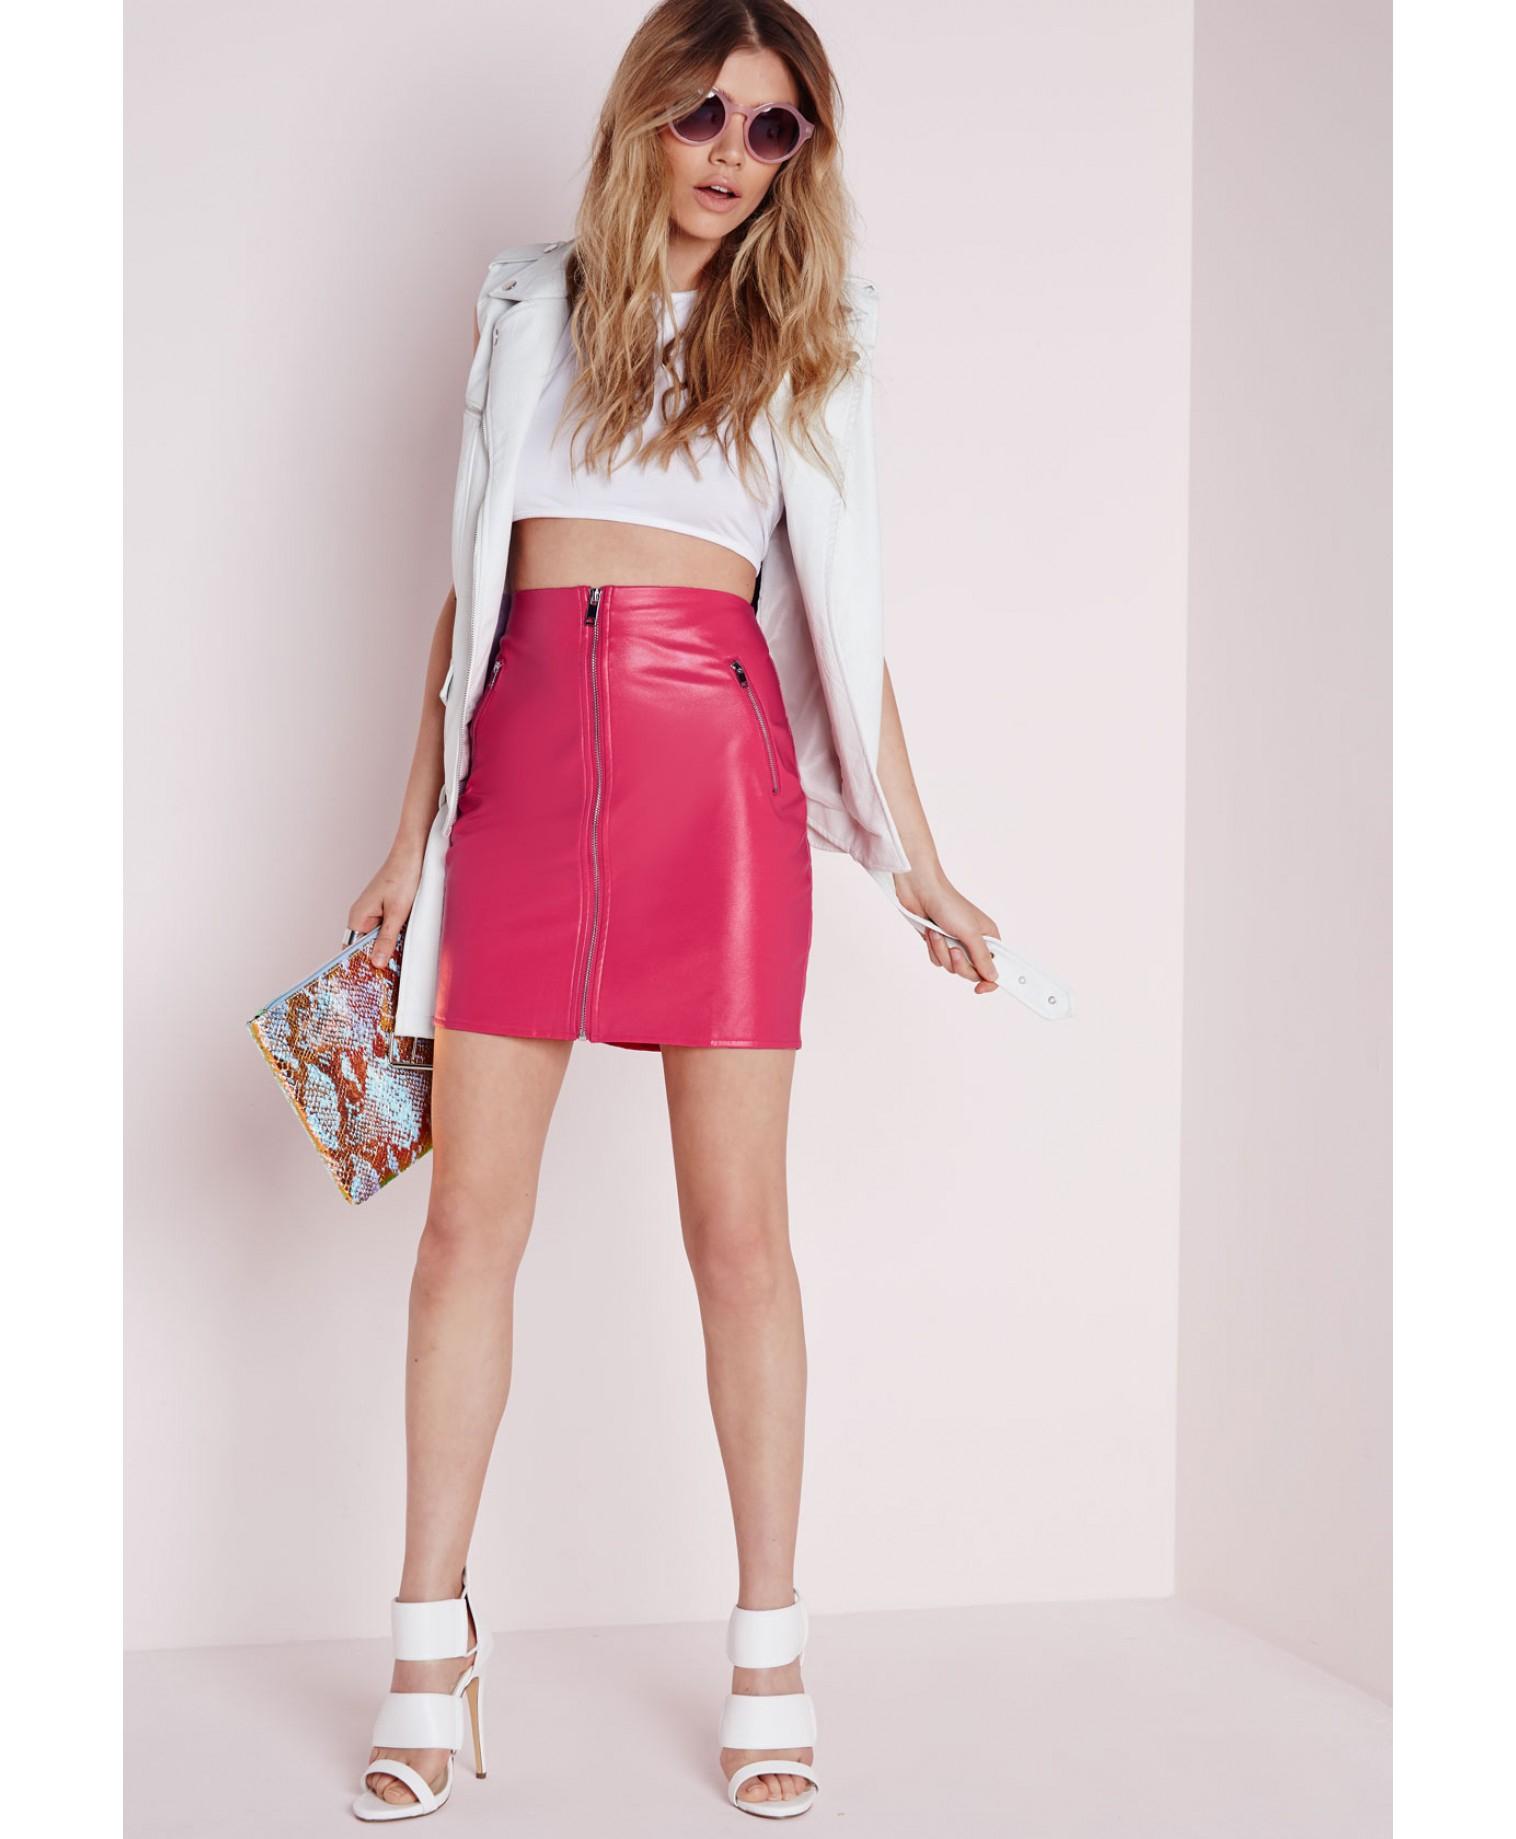 Regret, Pink mini skirt thanks for